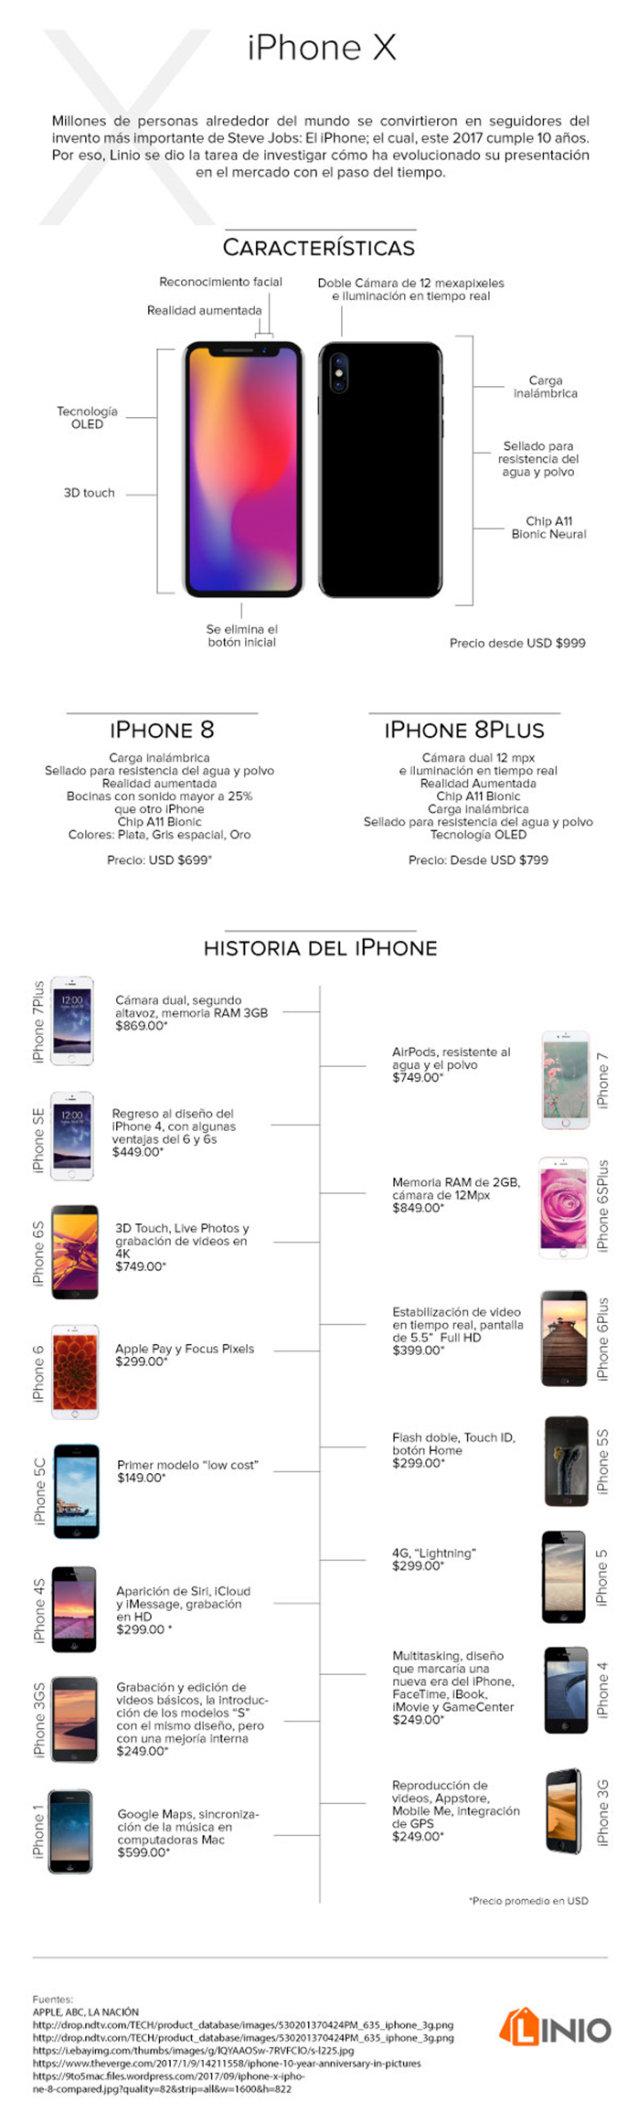 InfografíaiPhone X La Evolución